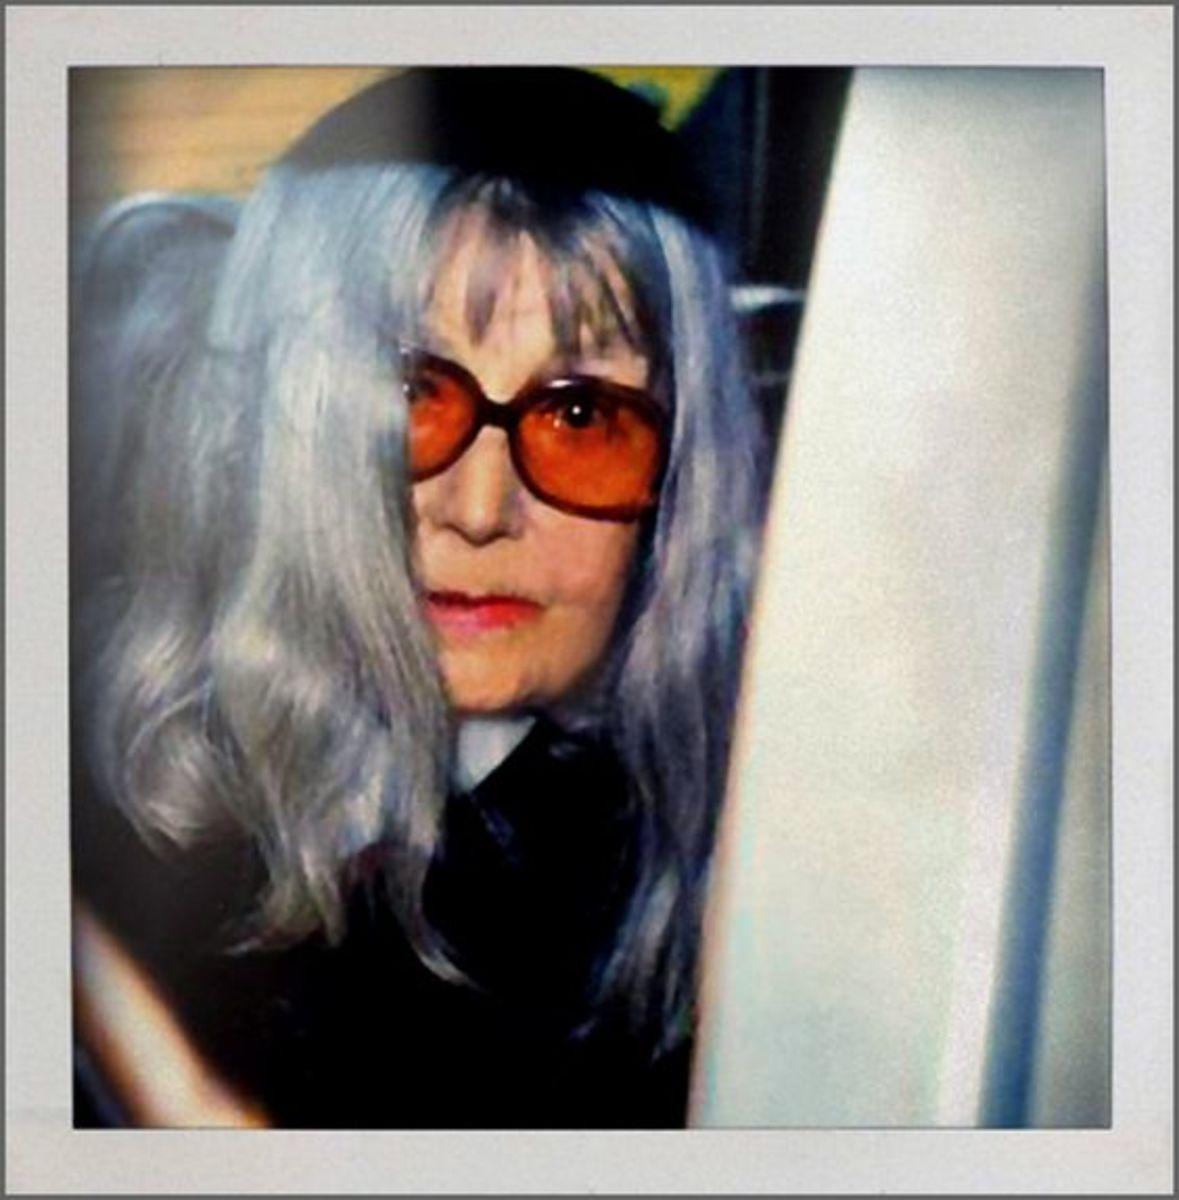 greta-garbo-the-elusive-glamorous-mysterious-actress